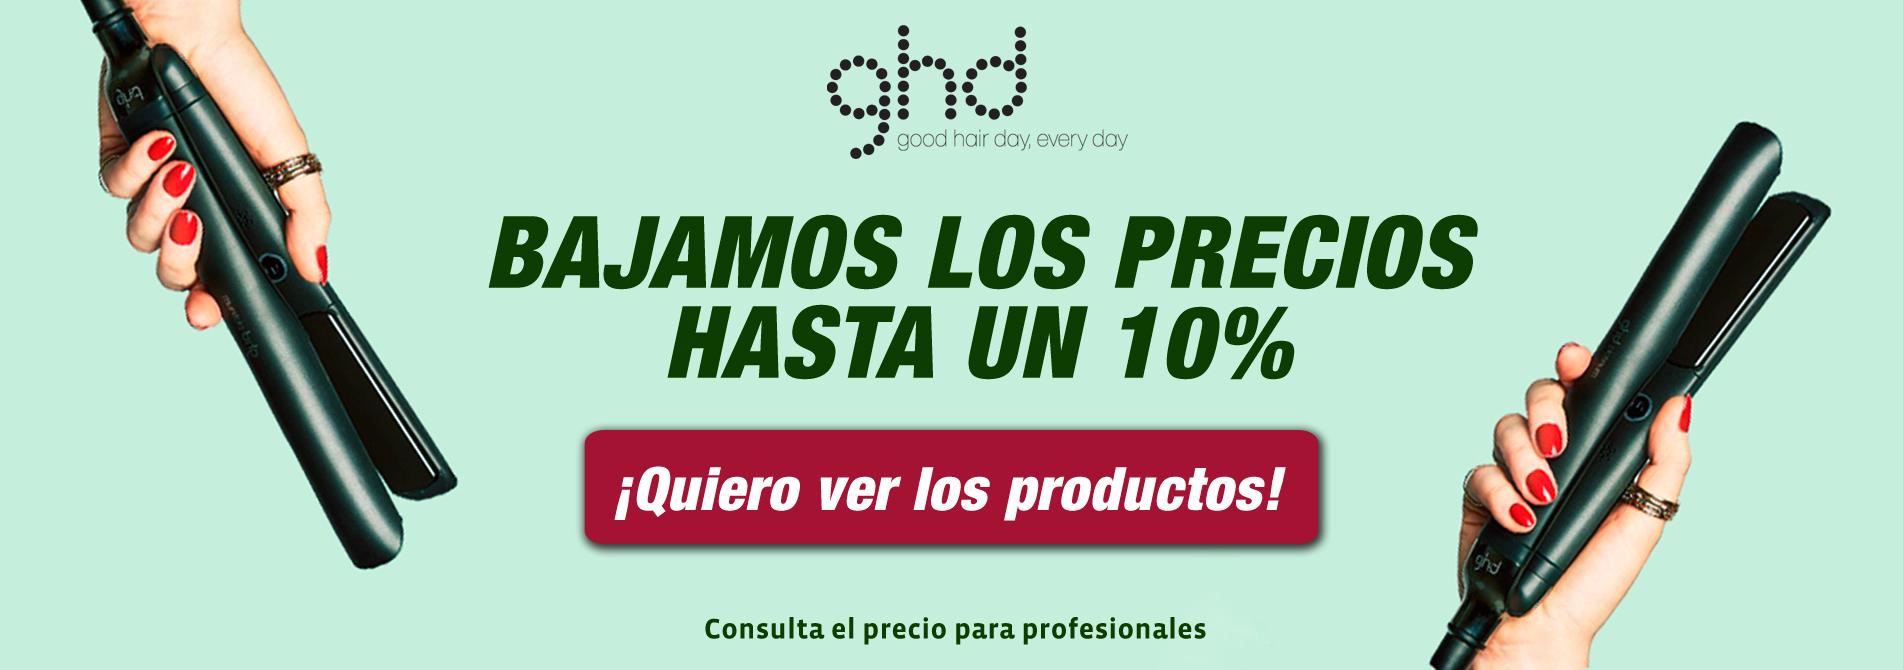 Banner GHD